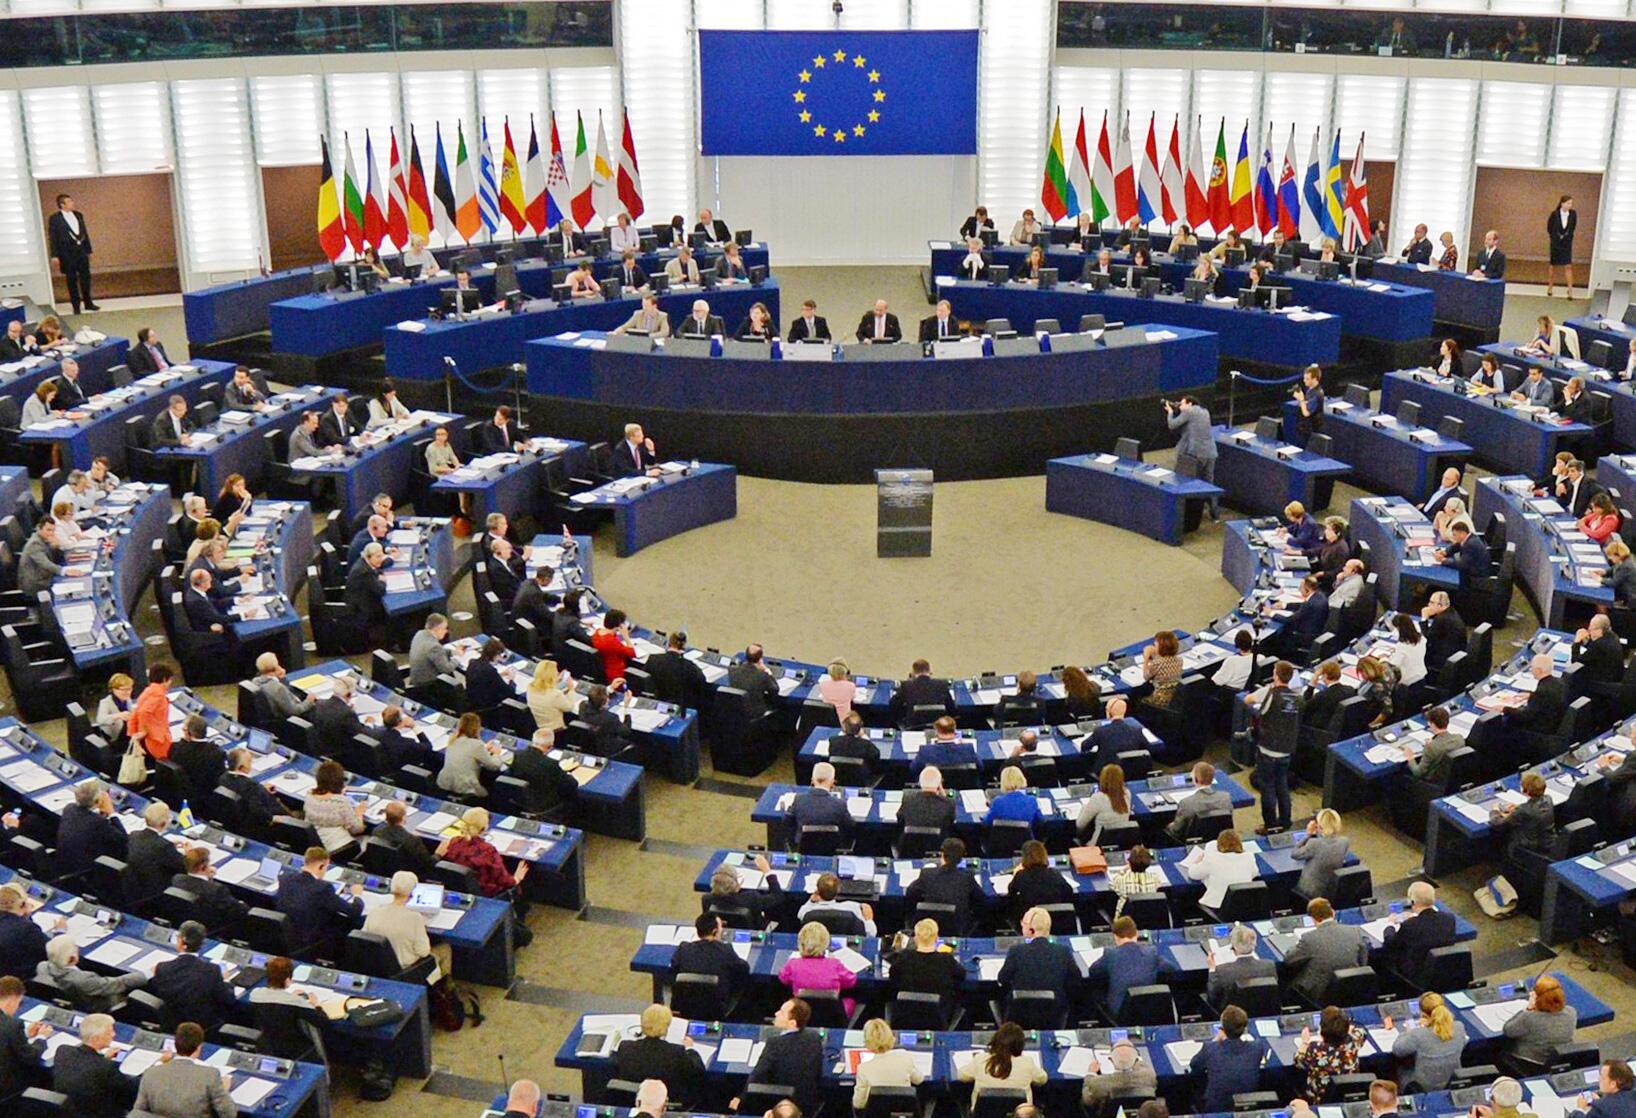 Bild zu EU-Parlament in Strassburg